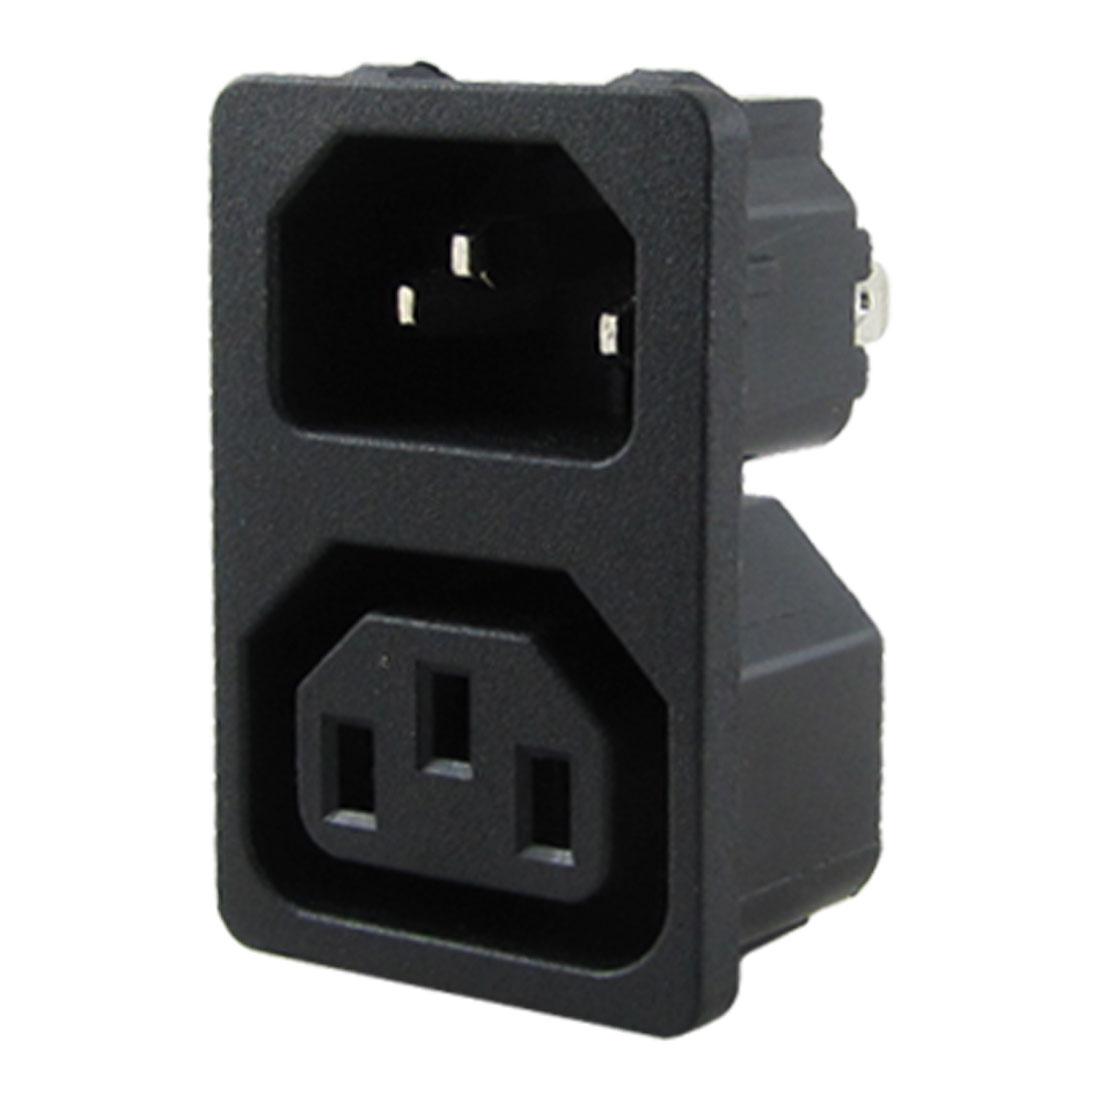 AC 10A 250V IEC 320 C13 Male C14 Female Inlet Power Socket